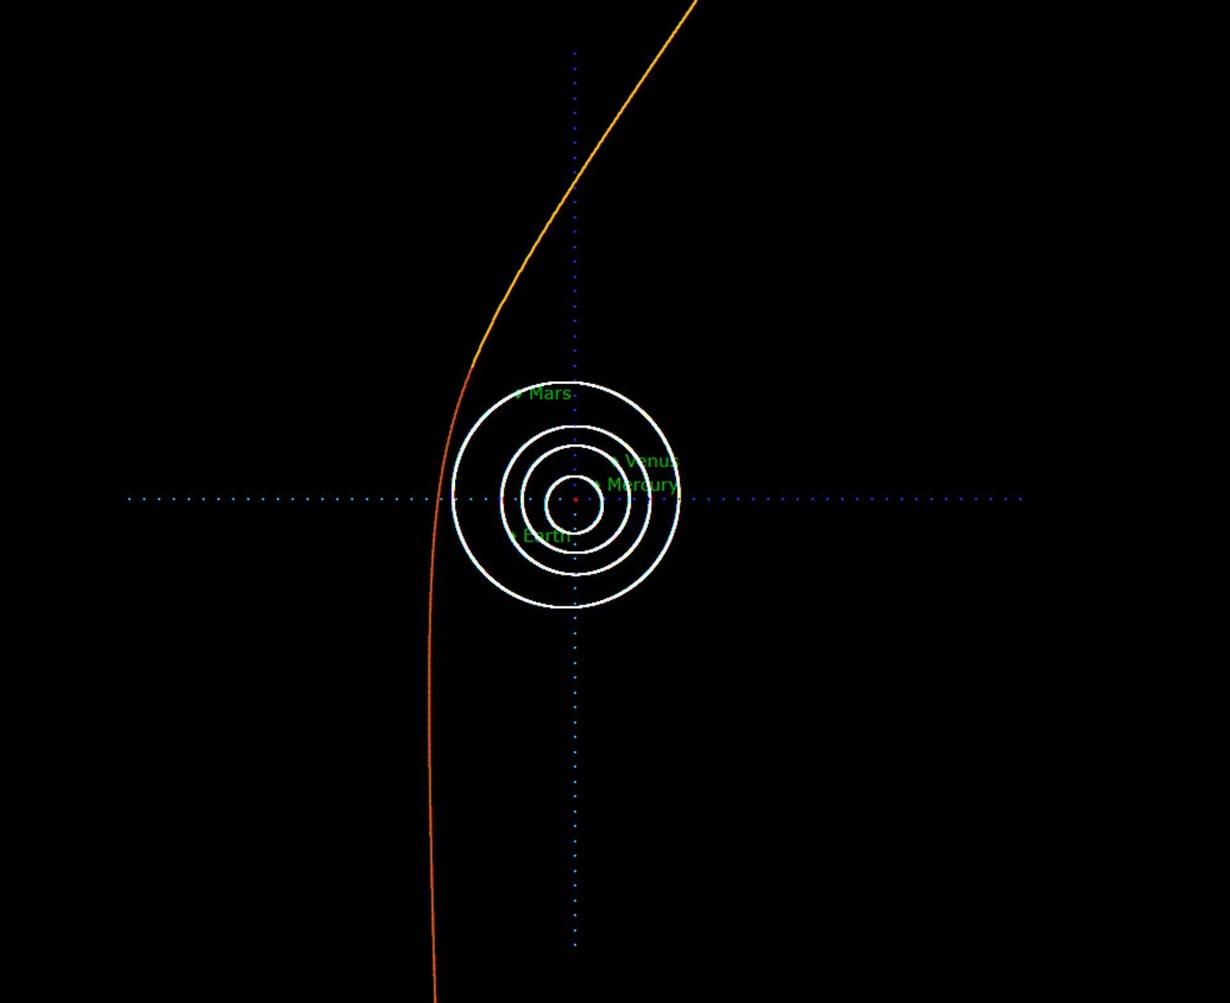 Borisov-komeetan nyt ennustettu rata. Aurinko on piirroksessa keskellä. Ennuste tarkentunee vielä paljonkin. Kuva: Neo Coordination Centre / Esa